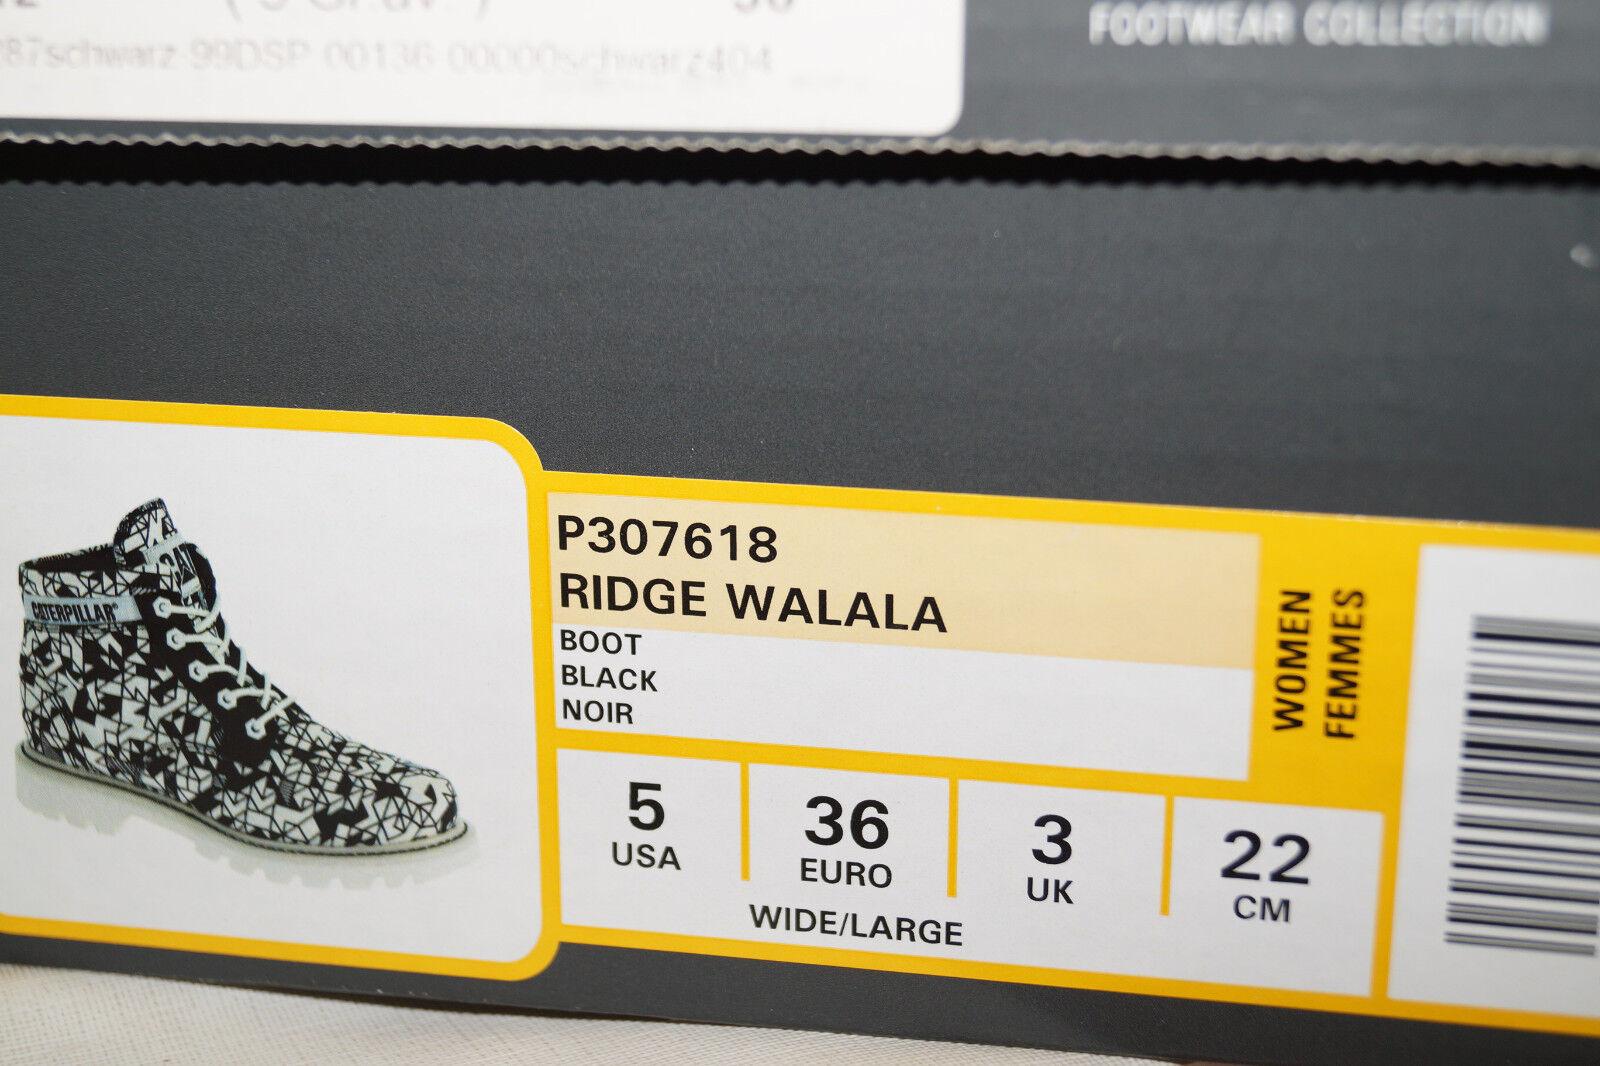 Caterpillar Ridge Walala Womans Damen weiss Schnürboots EU.36 UK.3 schwarz weiss Damen c79a15